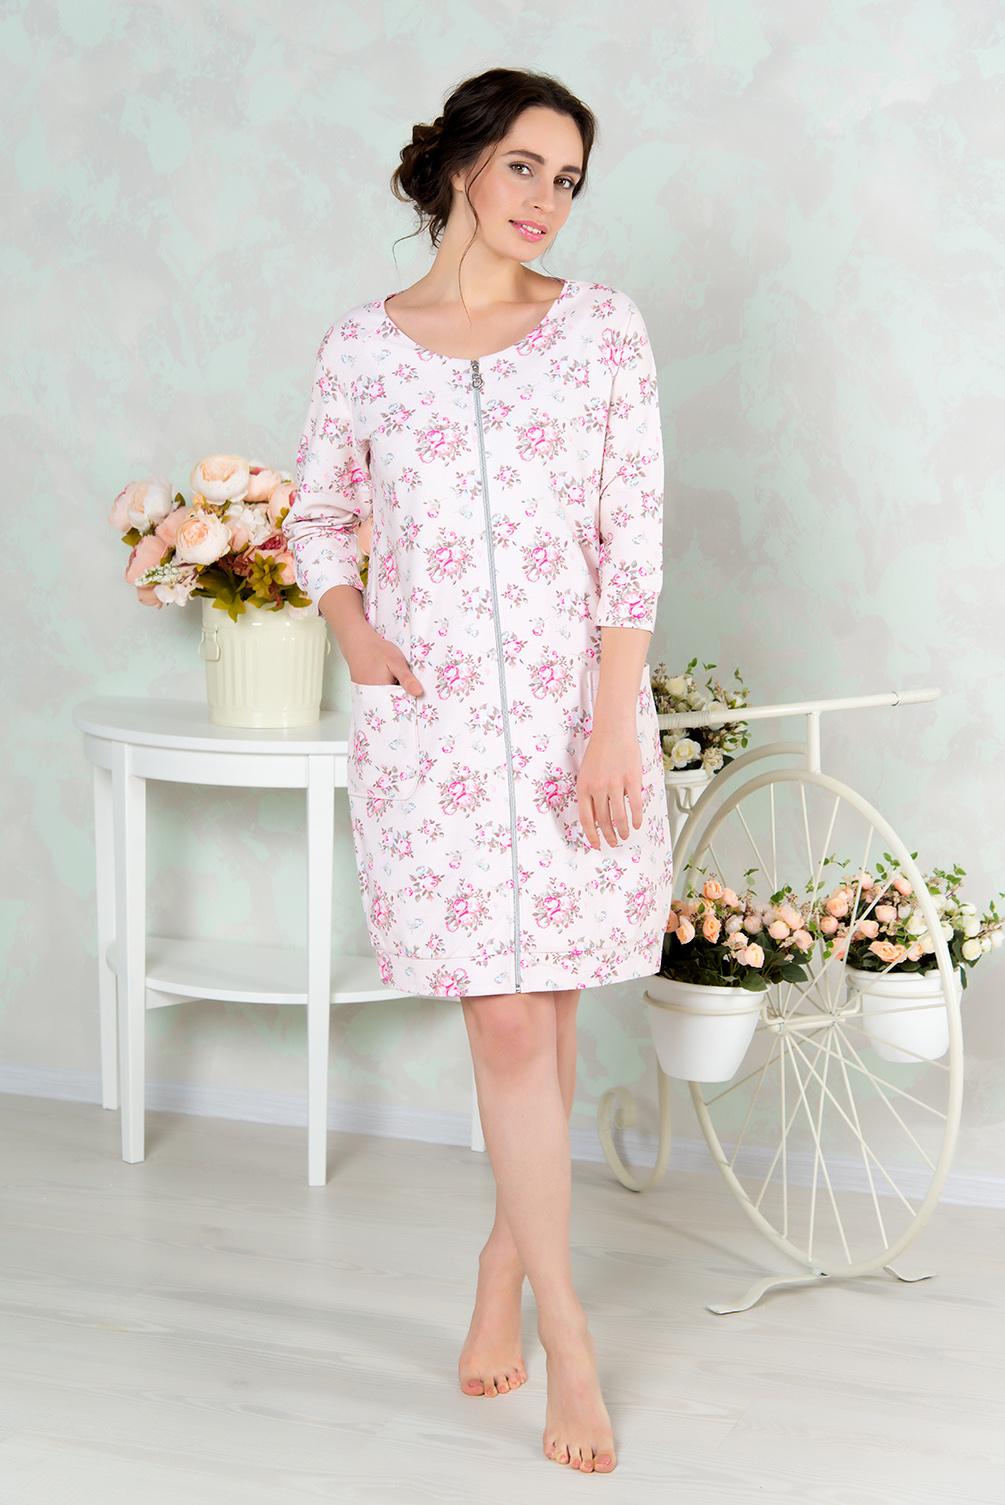 Халат женский Mia Cara, цвет: розовый. AW16-MCUZ-848. Размер 46/48AW16-MCUZ-848Женский халат Mia Cara изготовлен из высококачественного хлопка. Модель длины миди выполнена с застежкой-молнией. По бокам изделие дополнено двумя накладными карманами.